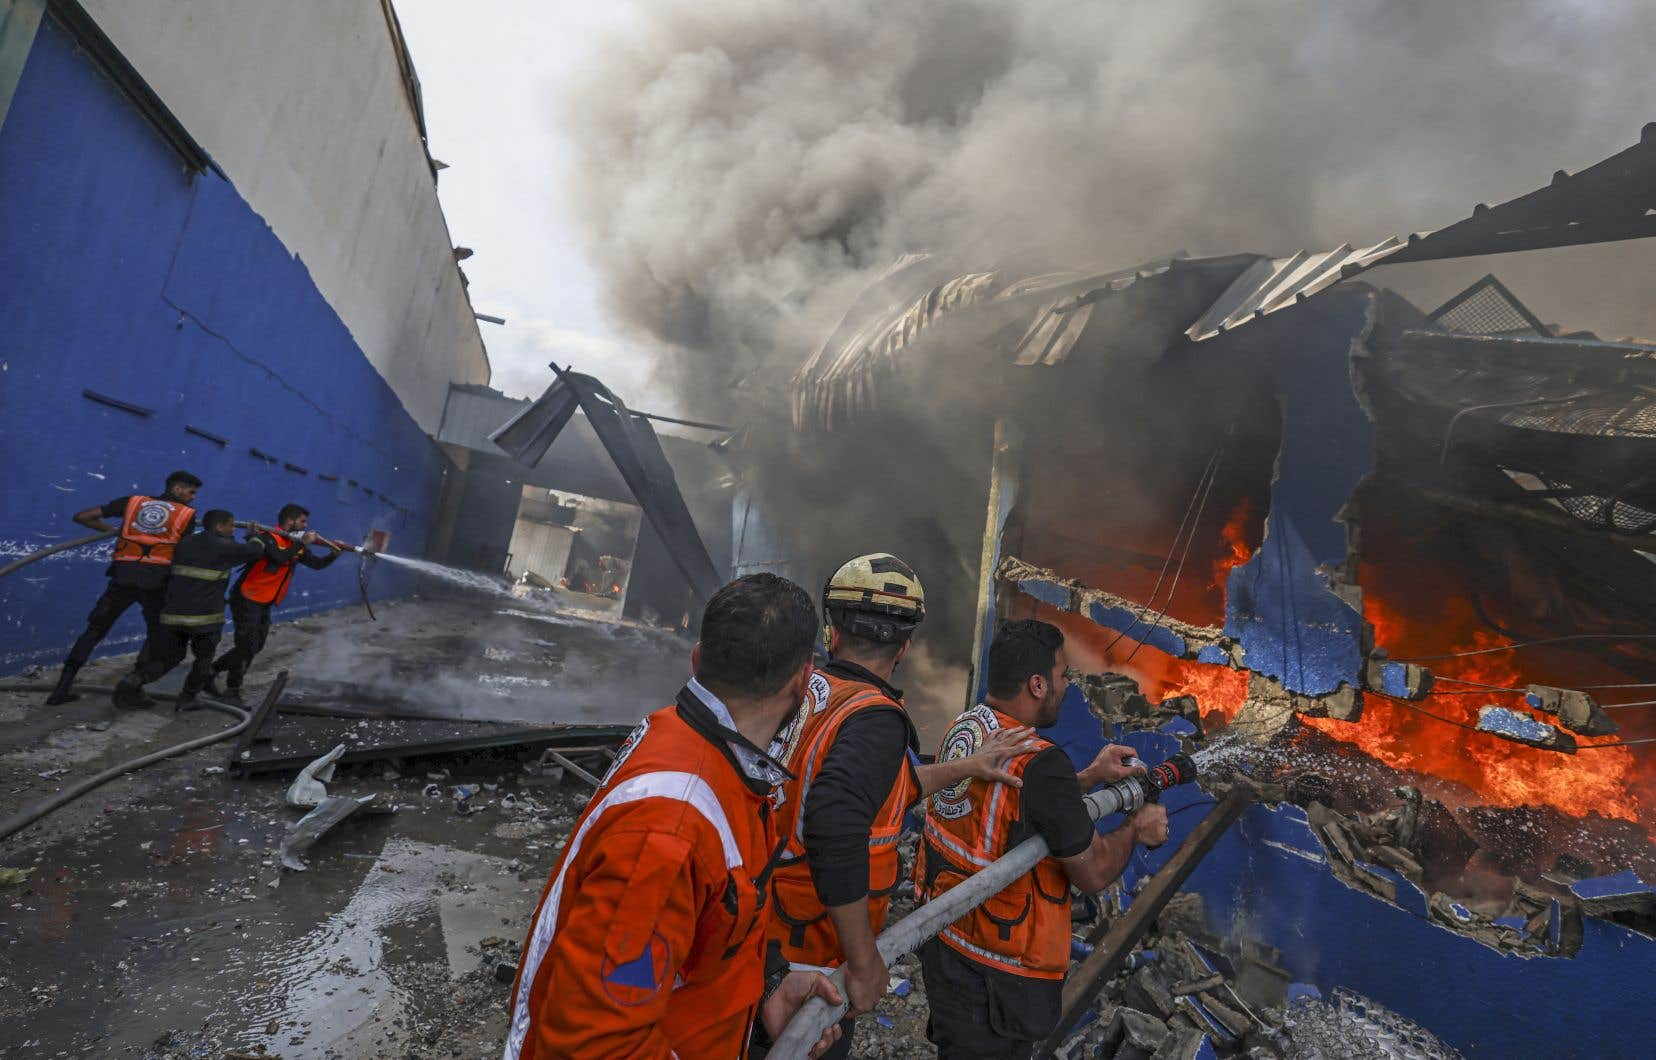 À Gaza, secours et habitants tentaient lundi de déblayer les gravats et d'éteindre les incendies en cours, dont celui d'une usine de matelas en mousse.